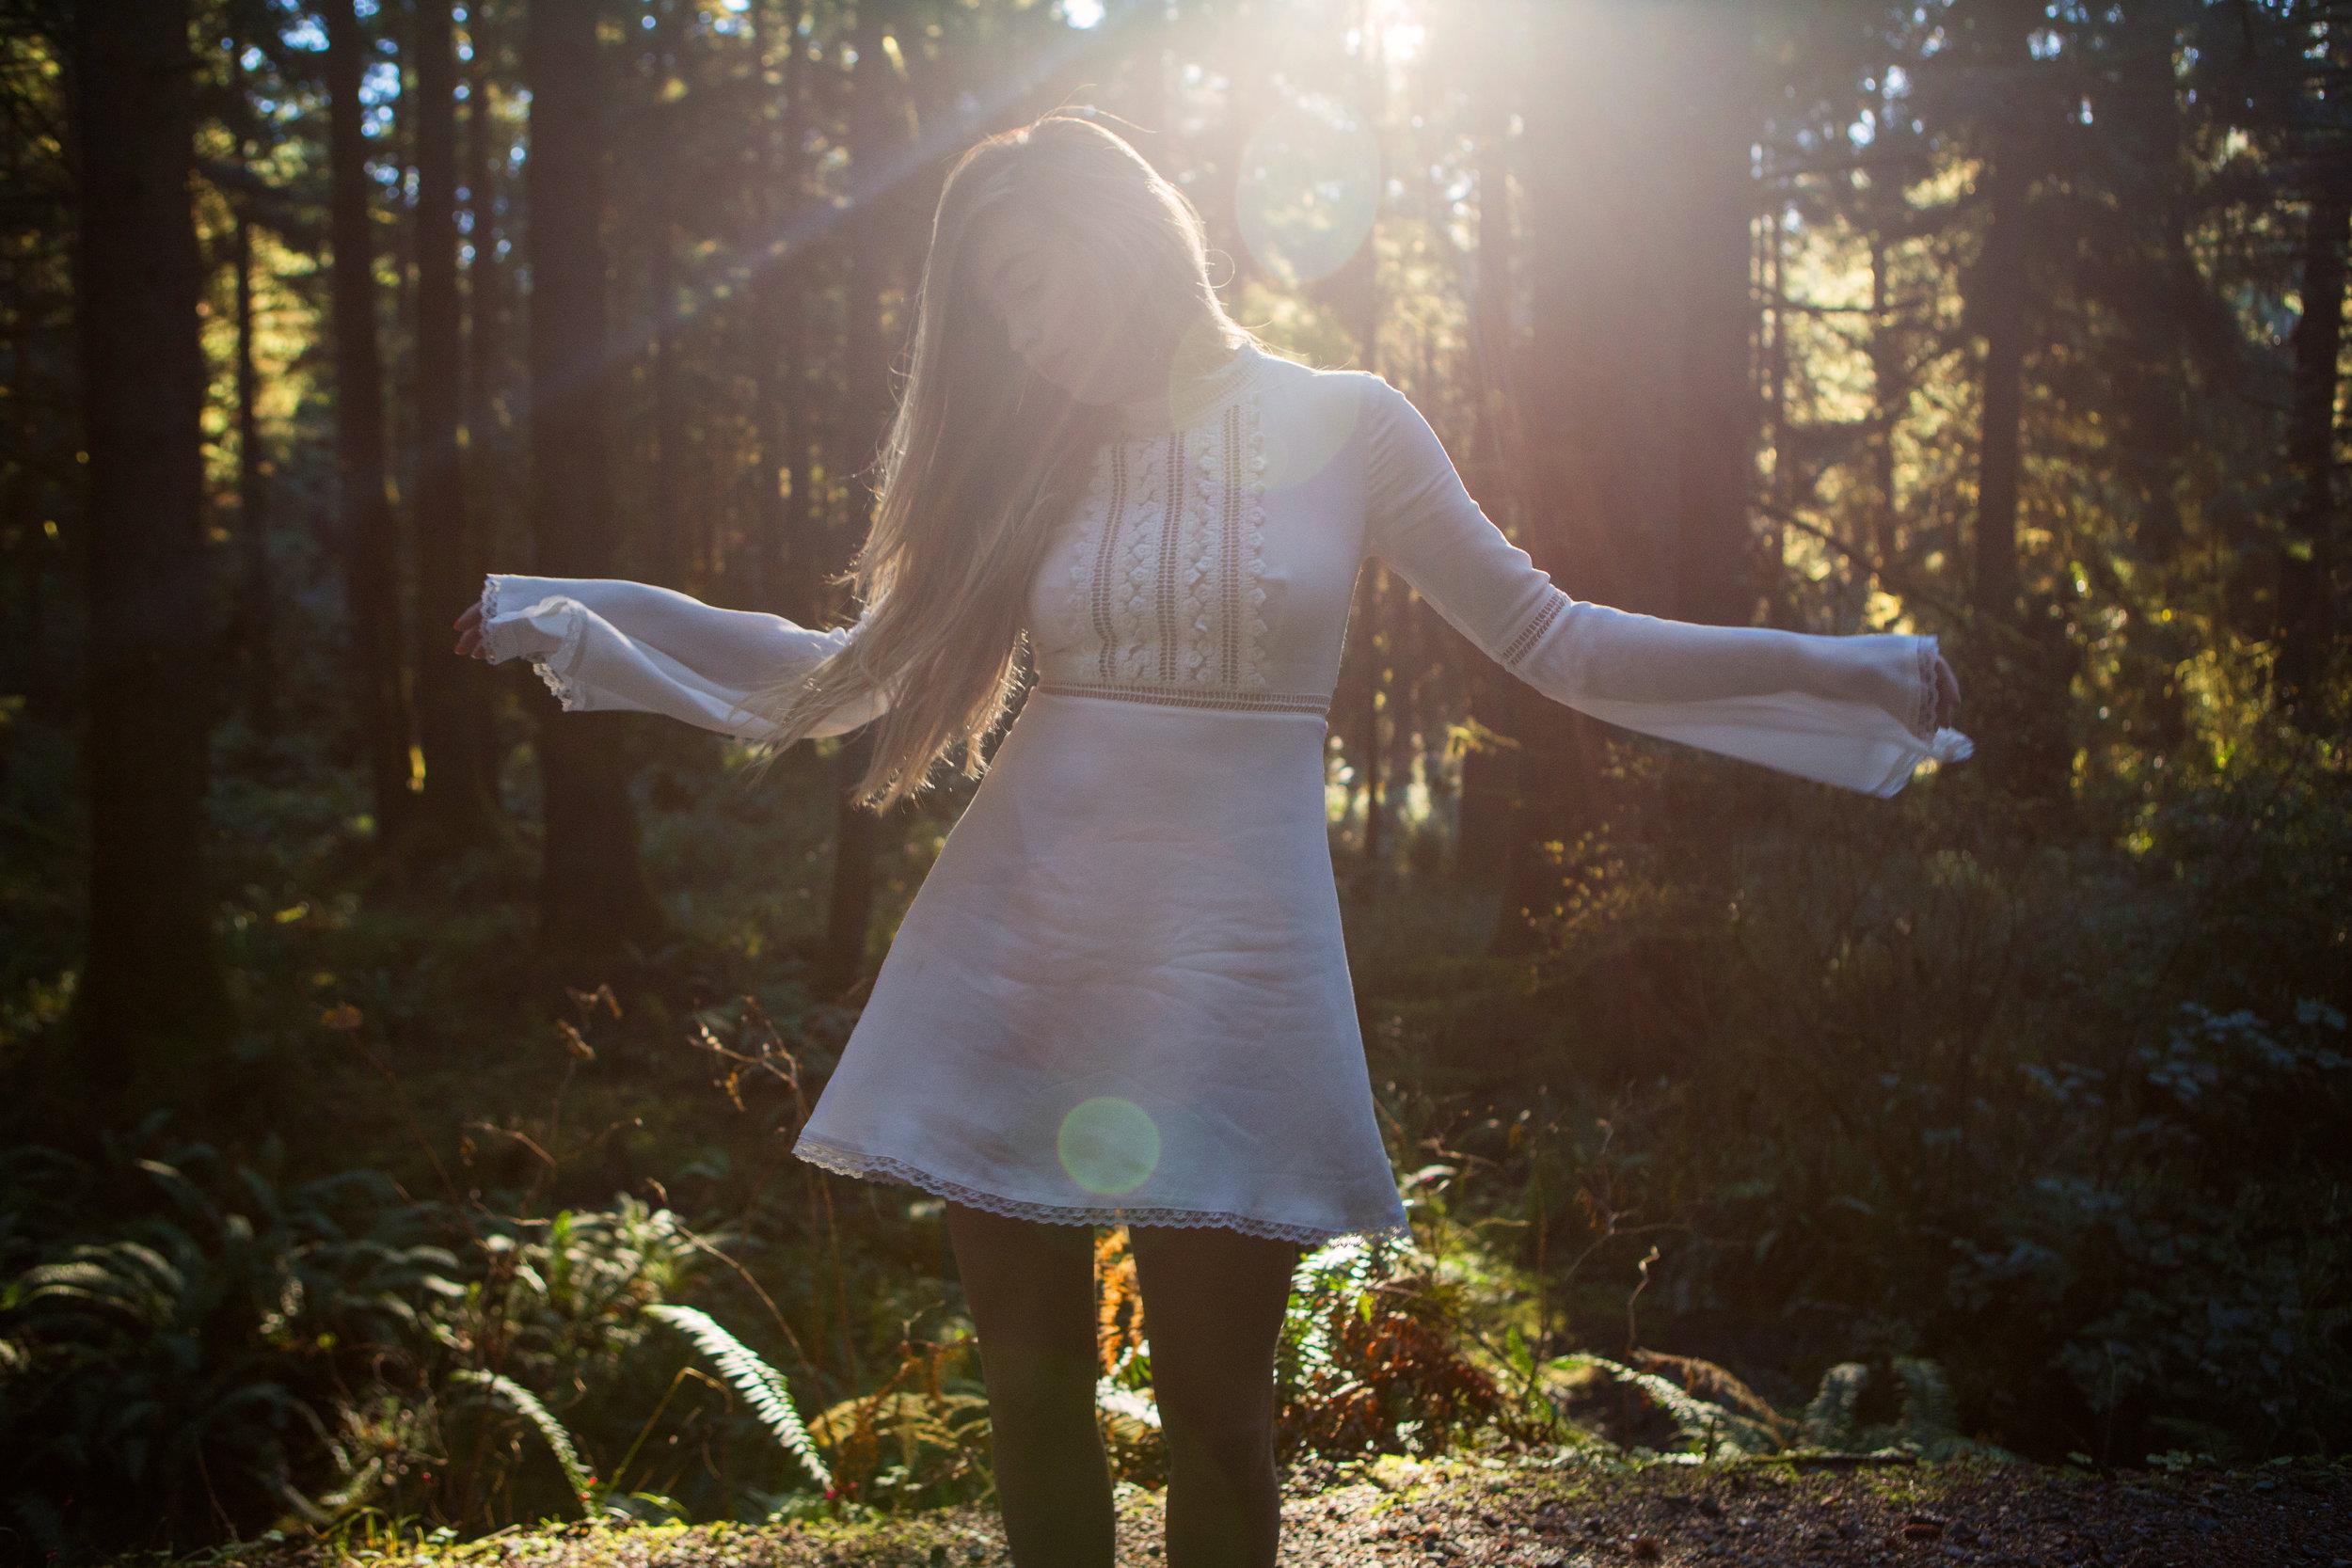 AstroBandit_ForLoveandLemons_Redwoods_PrairieCreek_WhiteDress_4.jpg